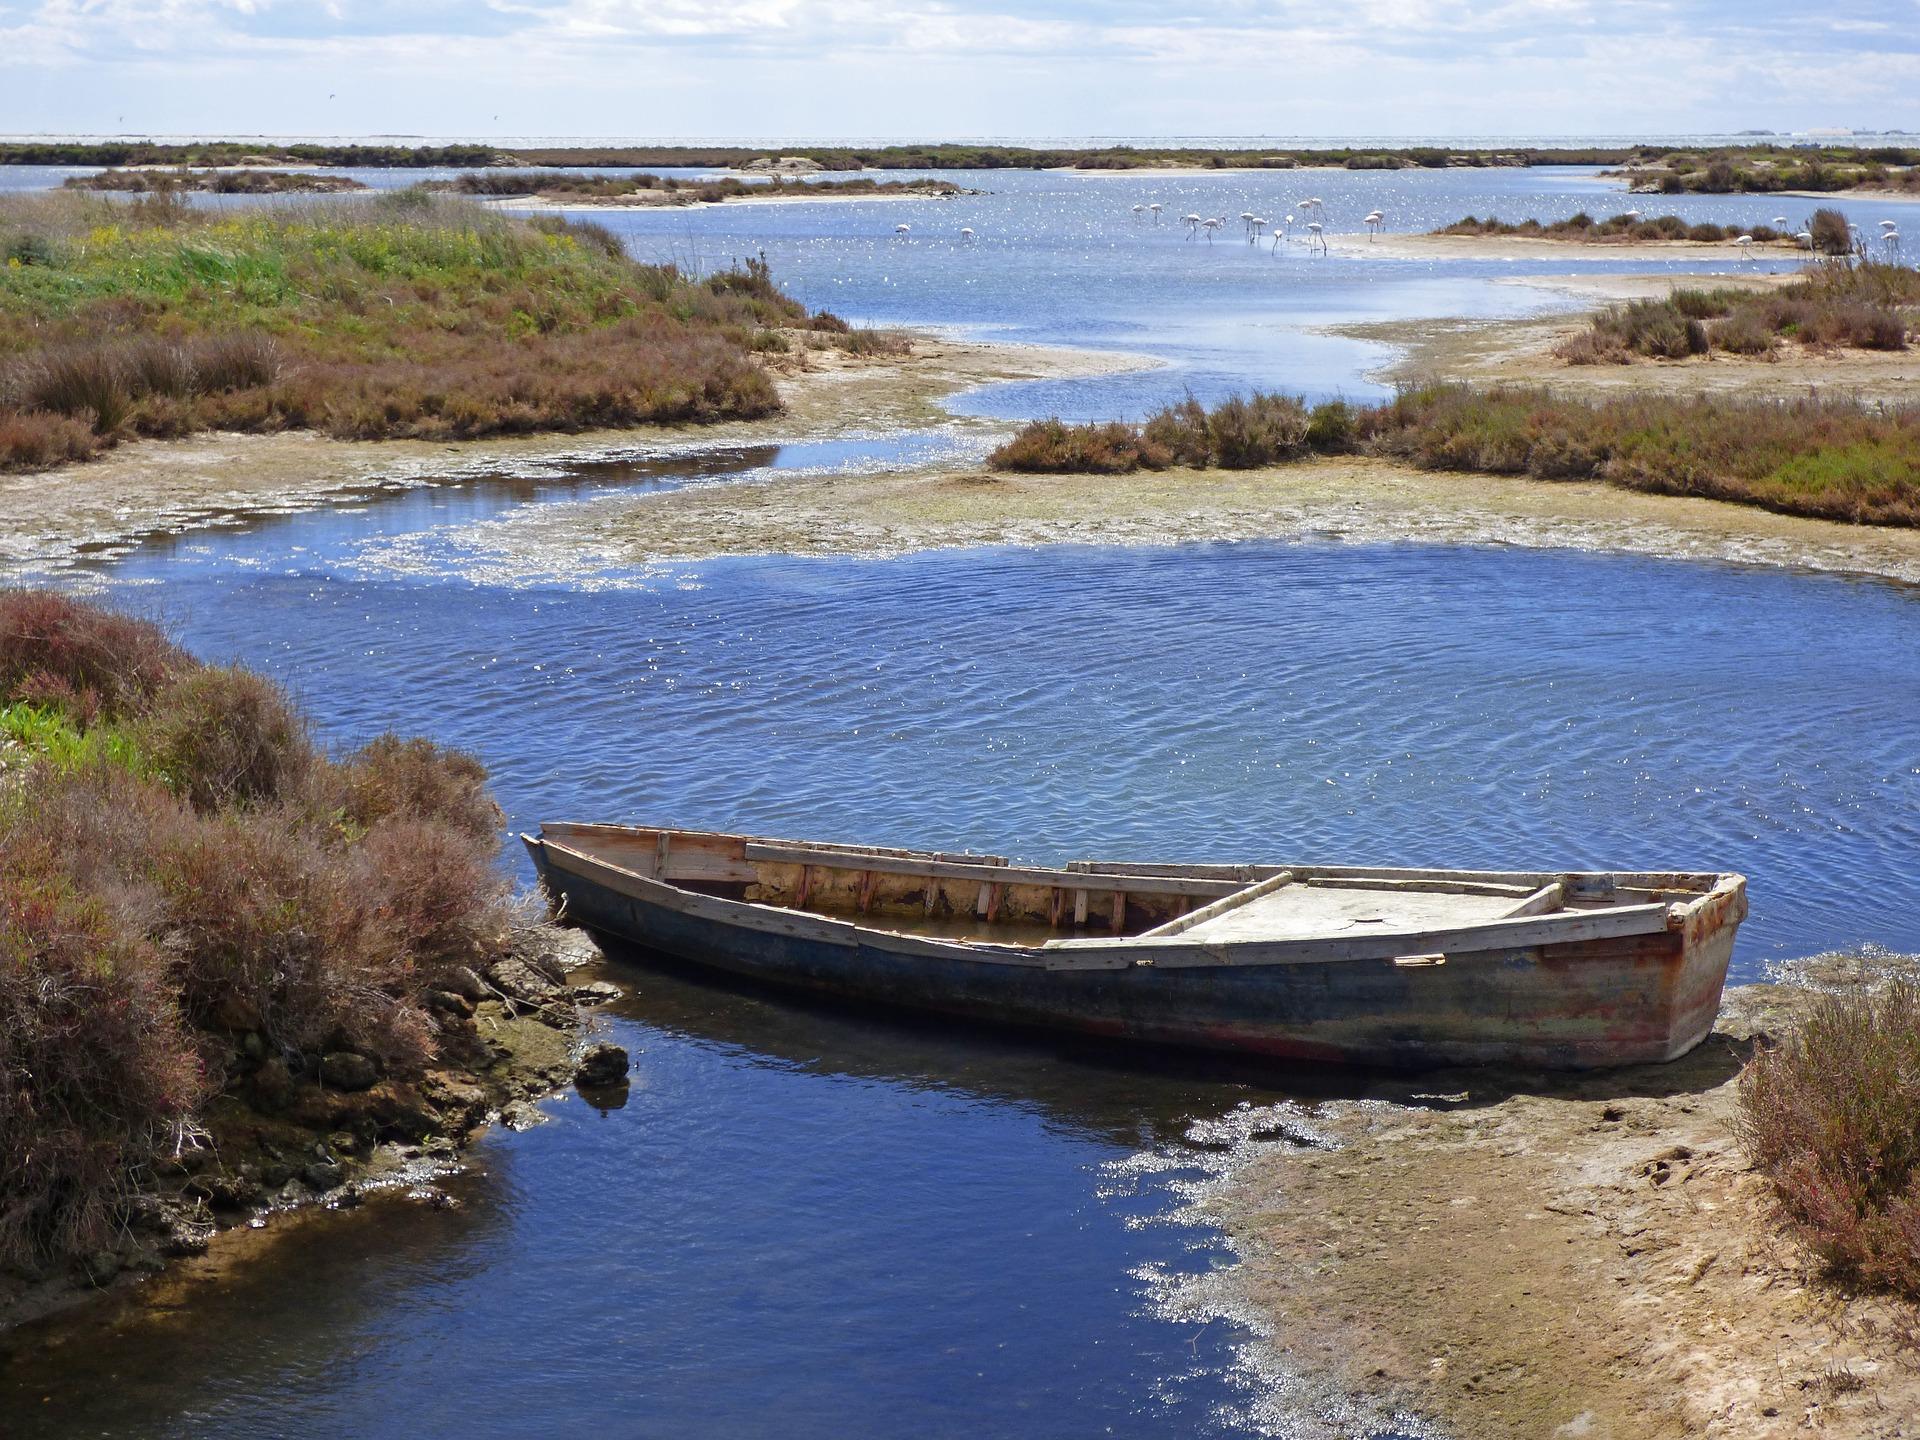 Espais com els aiguamolls de l'Empordà, el Delta de l'Ebre o l'Albufera de València es troben en risc de desaparèixer per sempre.